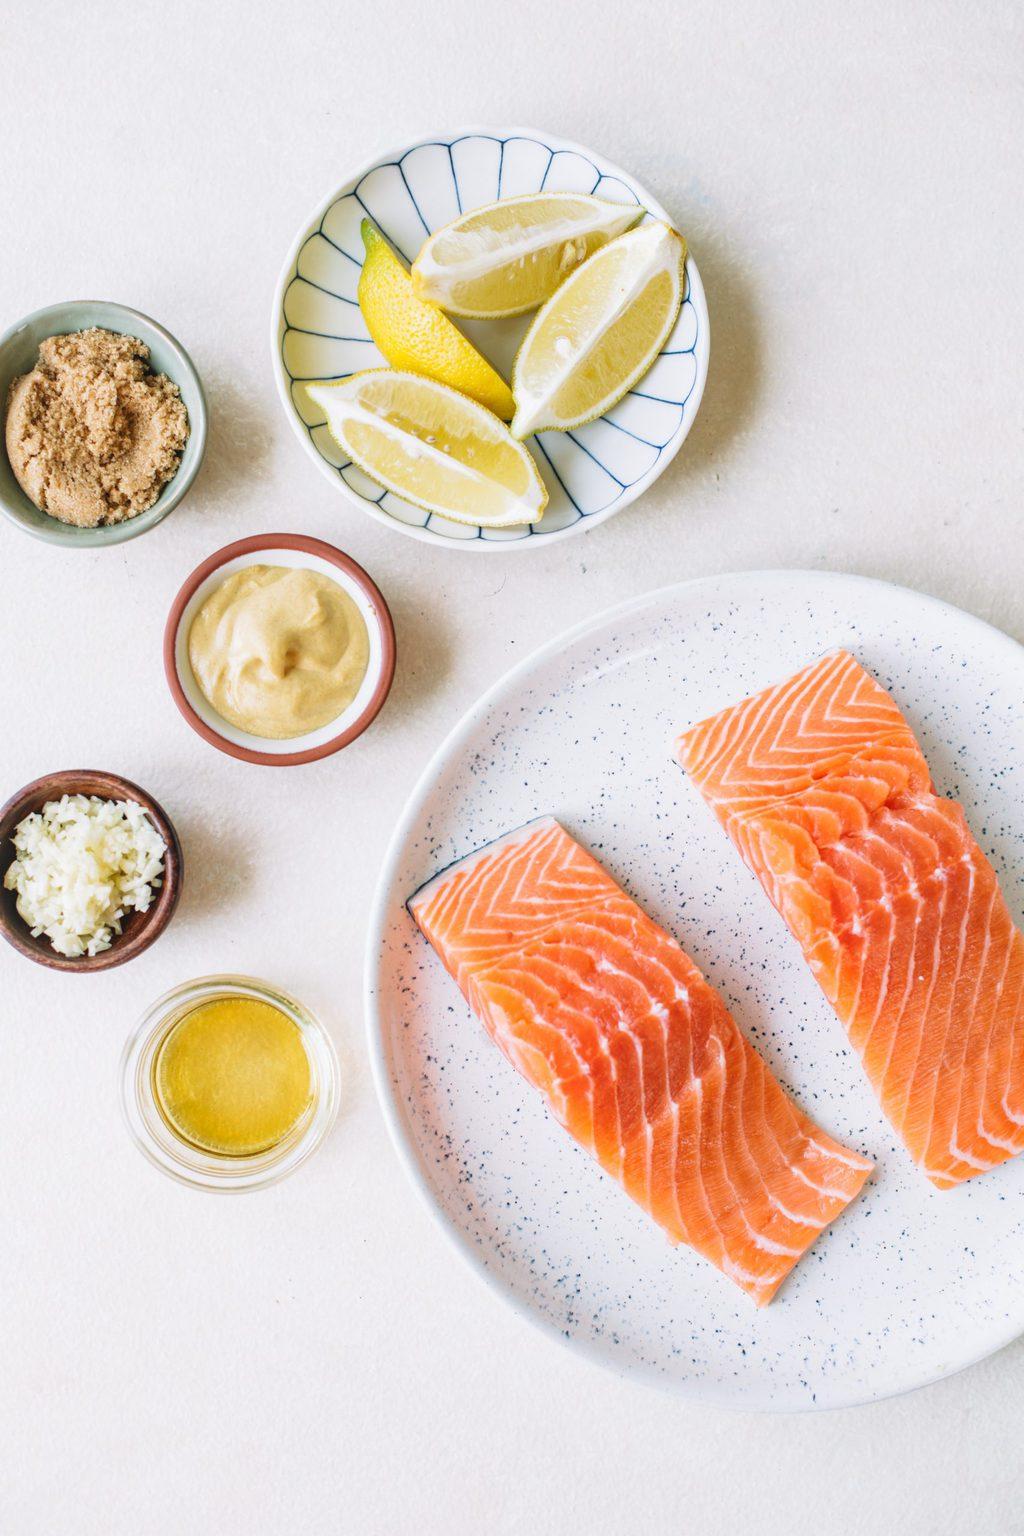 lemon wedges, brown sugar, dijon mustard, garlic, bourbon, salmon fillets